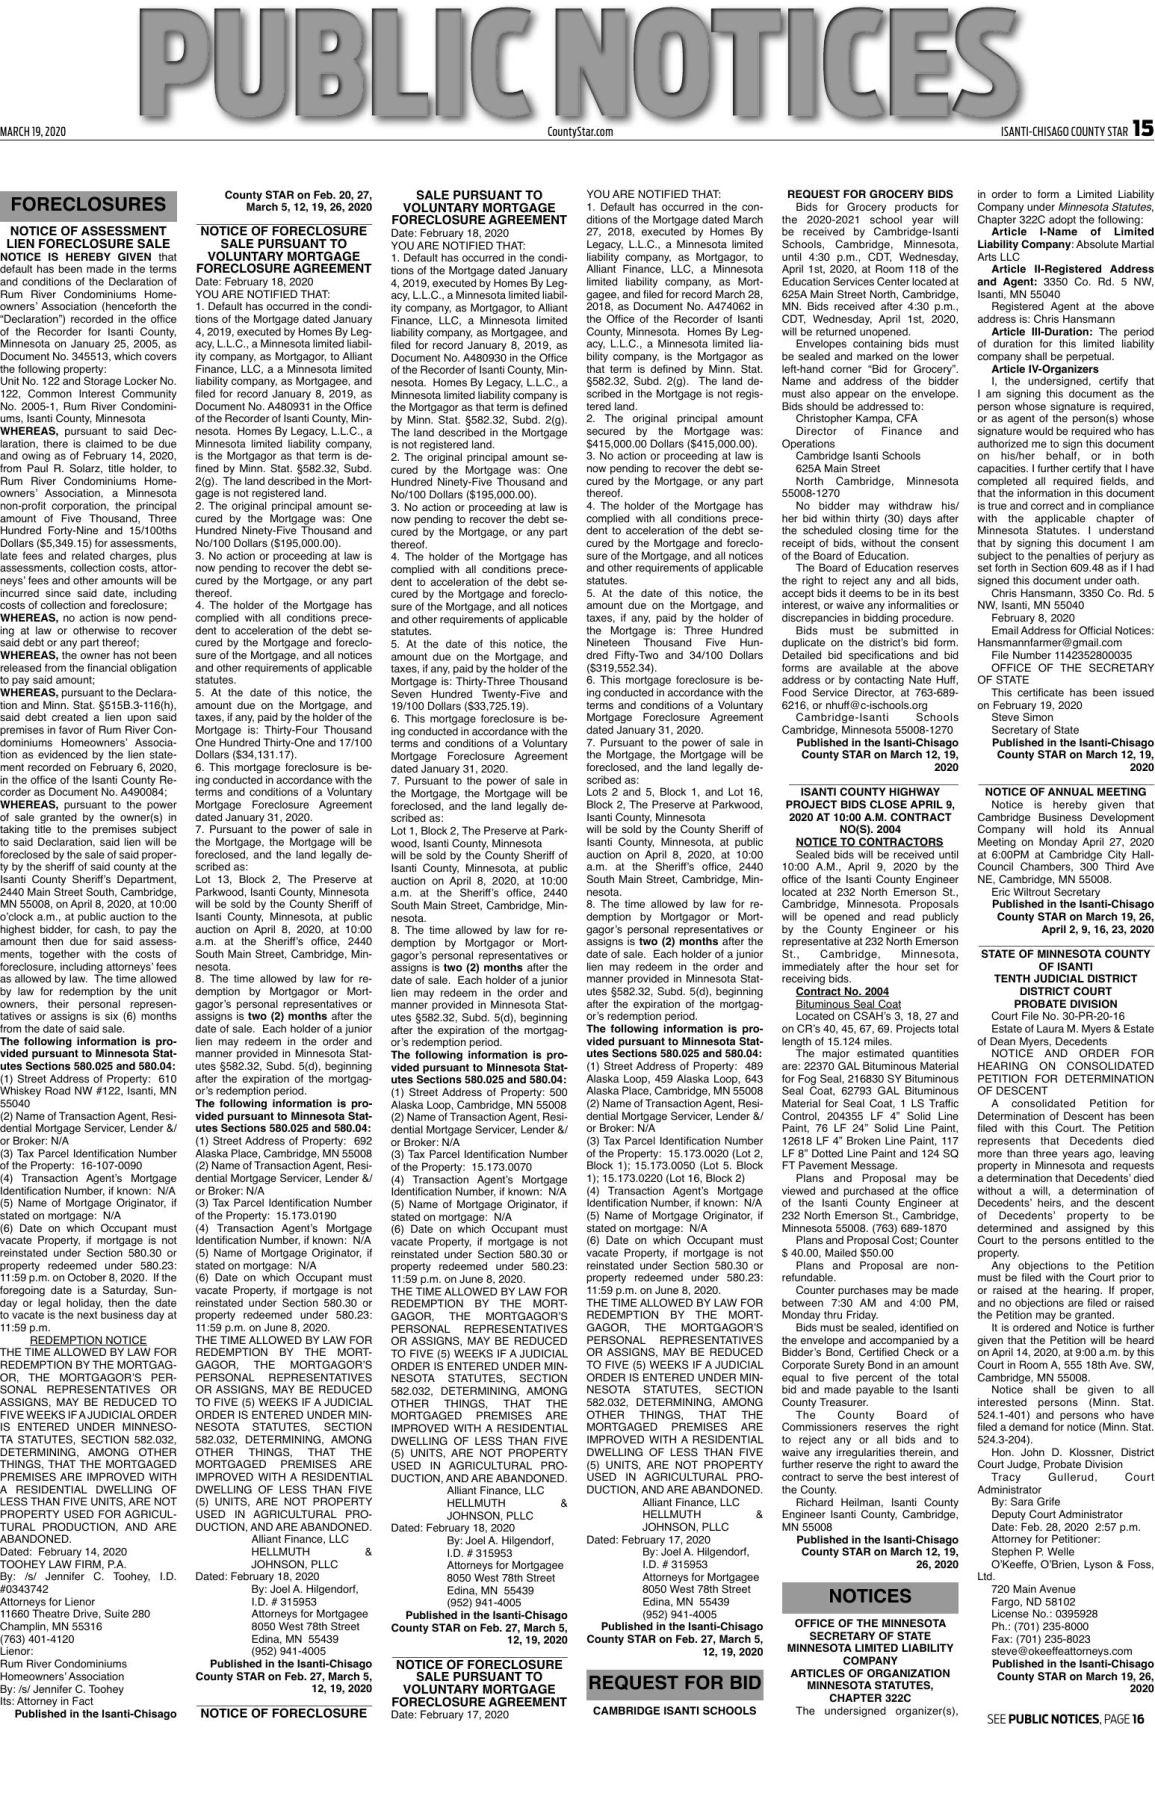 Public Notices - March 19, 2020